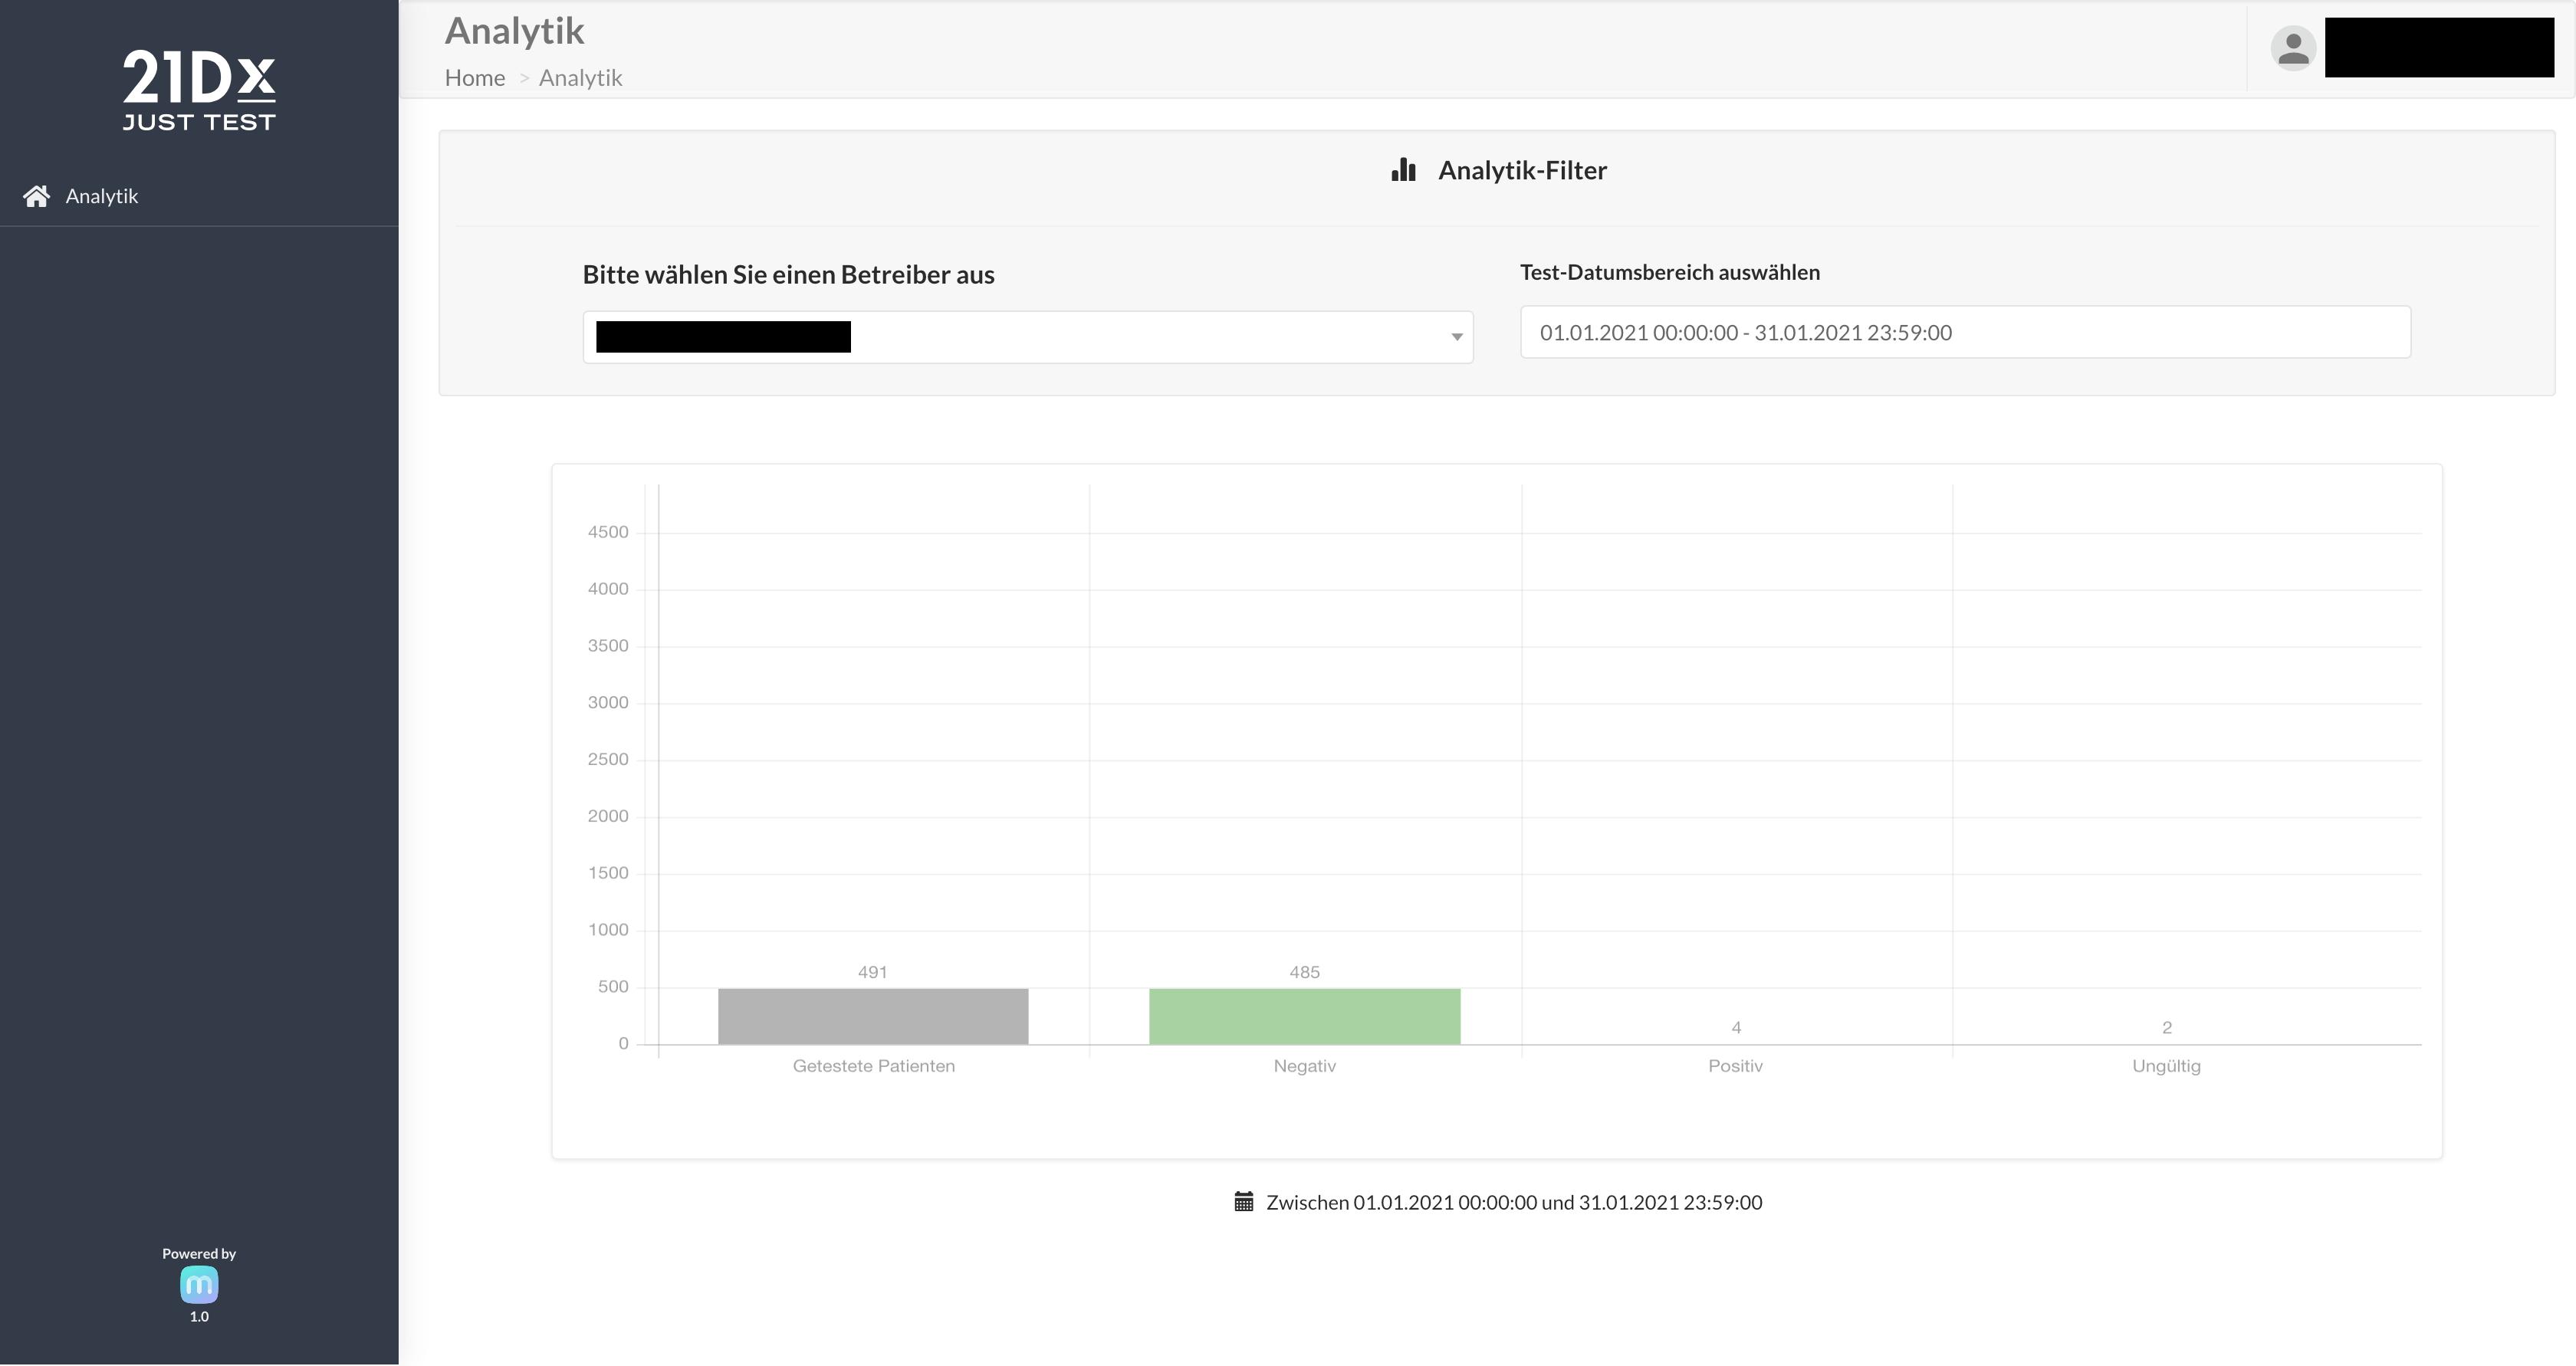 Screenshot aus dem Analytik Dashboard